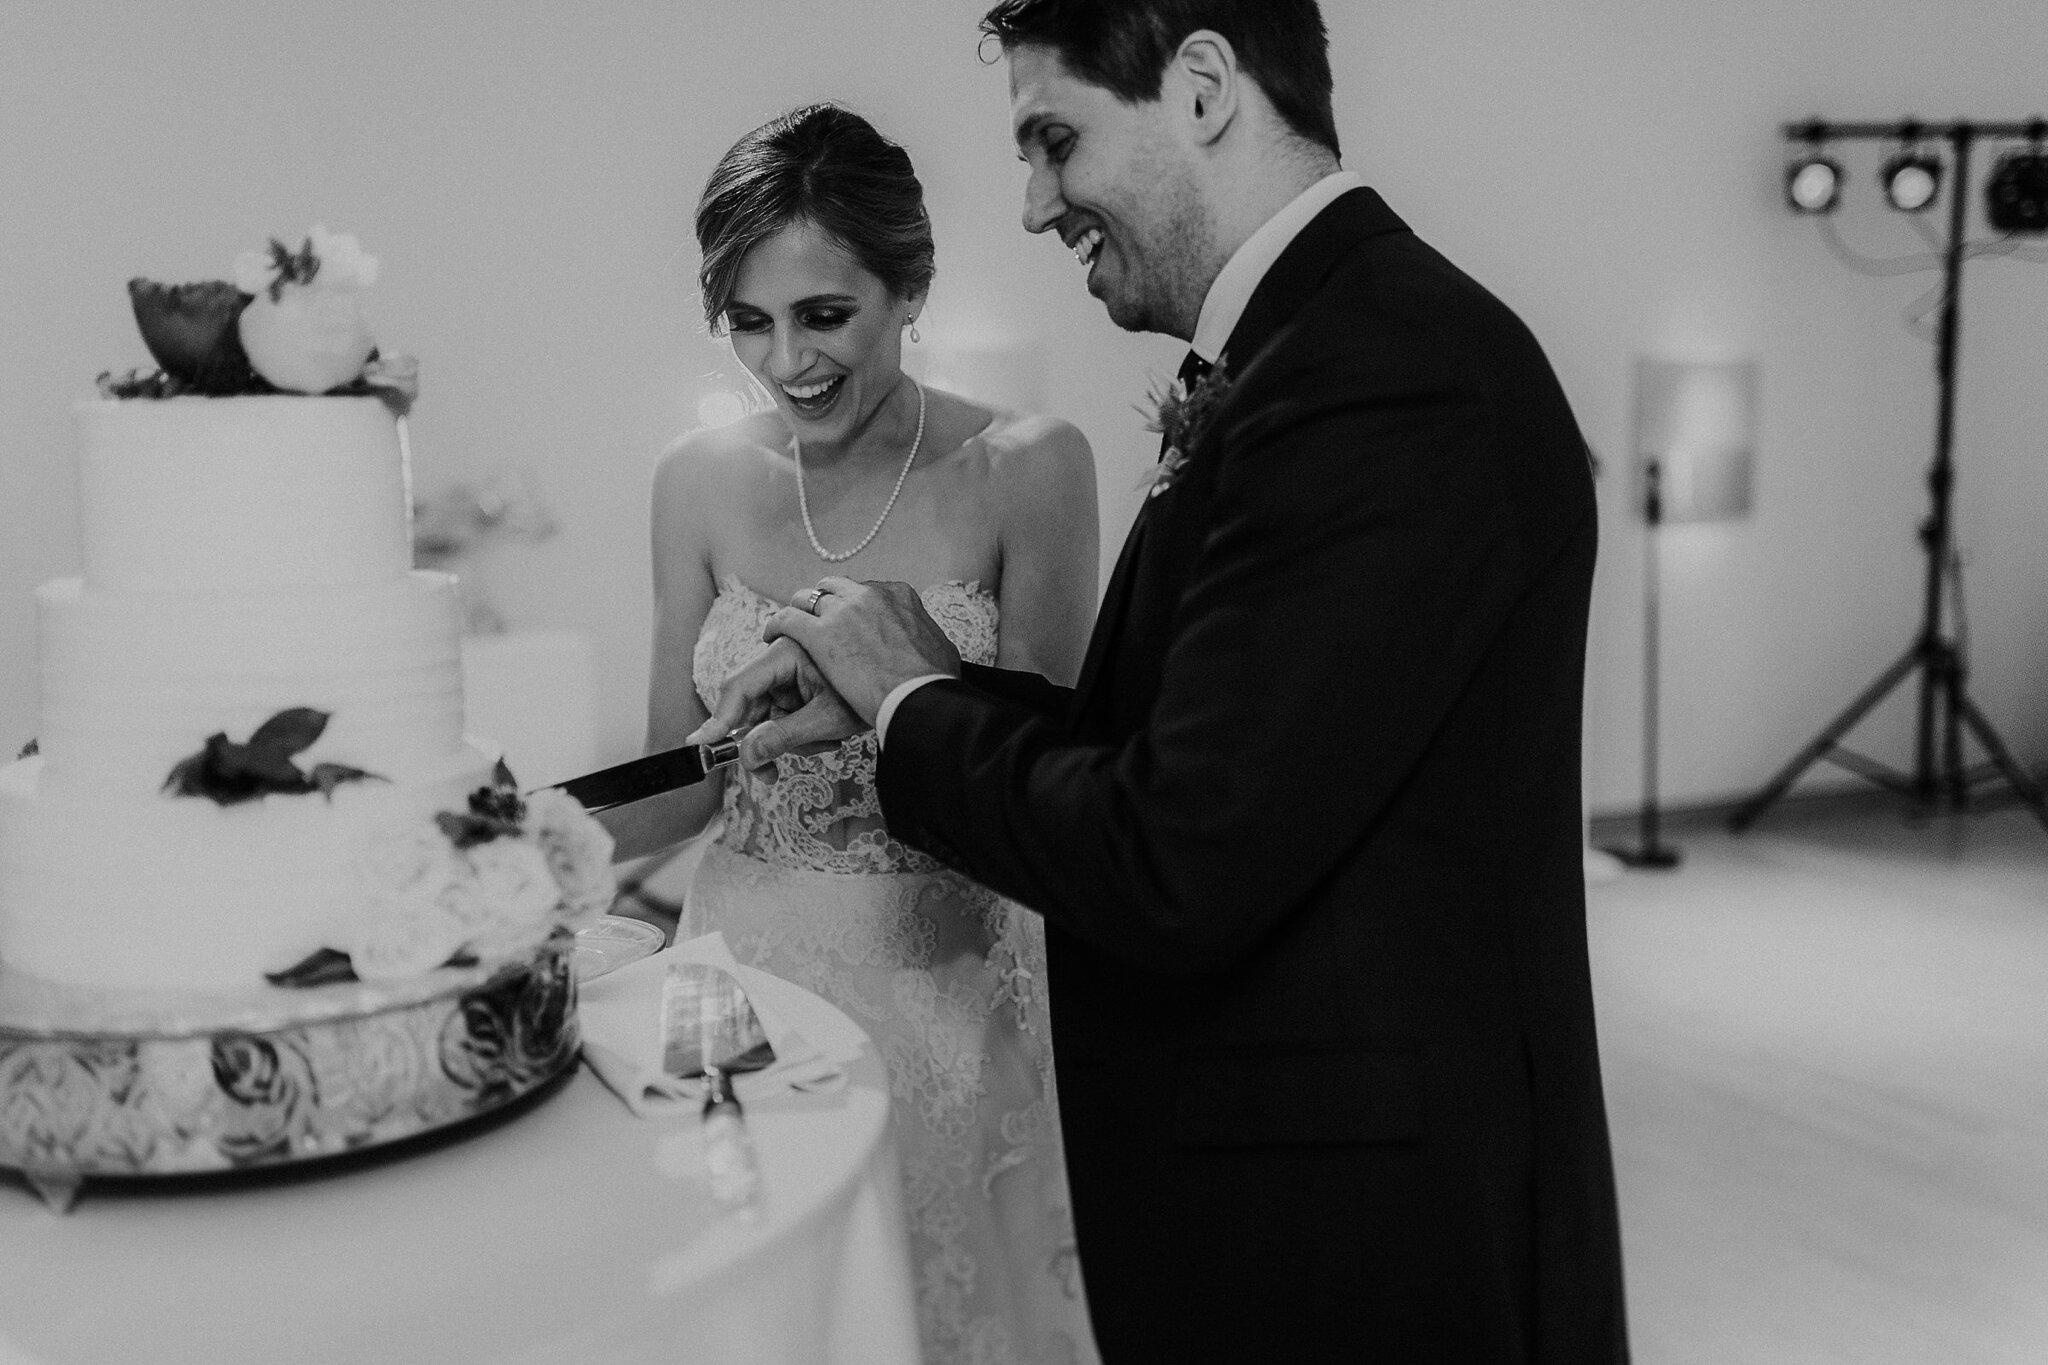 Alicia+lucia+photography+-+albuquerque+wedding+photographer+-+santa+fe+wedding+photography+-+new+mexico+wedding+photographer+-+new+mexico+wedding+-+wedding+-+wedding+cakes+-+flroal+cake+-+santa+fe+cake+-+santa+fe+baker_0021.jpg